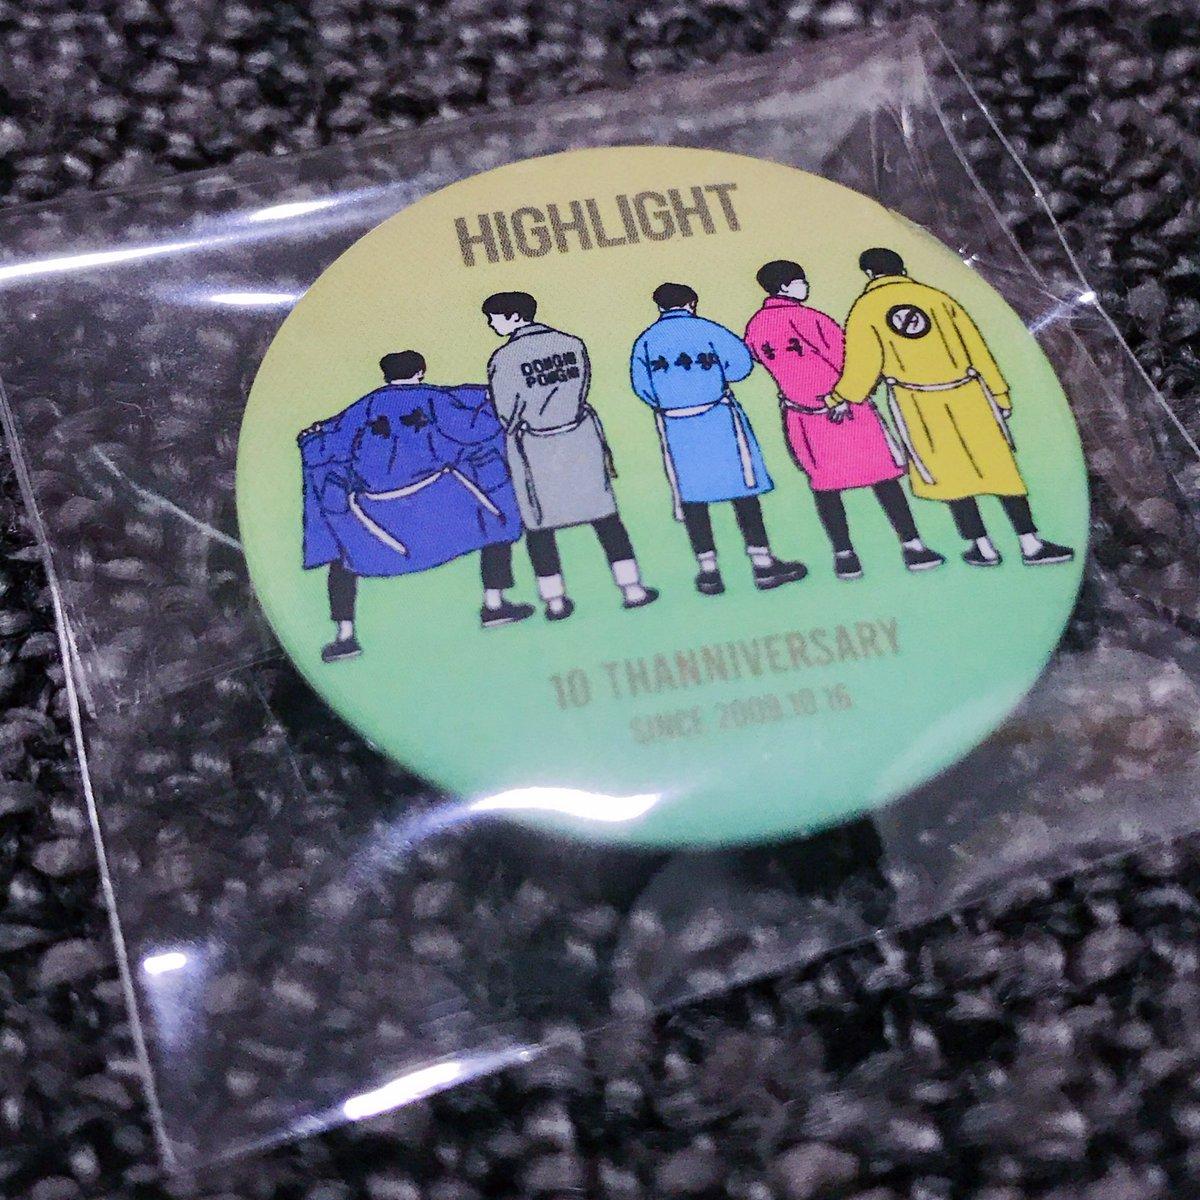 ปุกาดๆ  GIVE AWAY สำหรับ Lightในโอกาส HIGHLIGHT 10TH ANNIVERSARY ค่ะ    HIGHLIGHT Pin   16 Oct 2019  ~16:00  MRT Phaholyothin   มารับกันได้นะคะ    #HIGHLI5HT10thANNIVERSARY<br>http://pic.twitter.com/NNeMqp9dKs